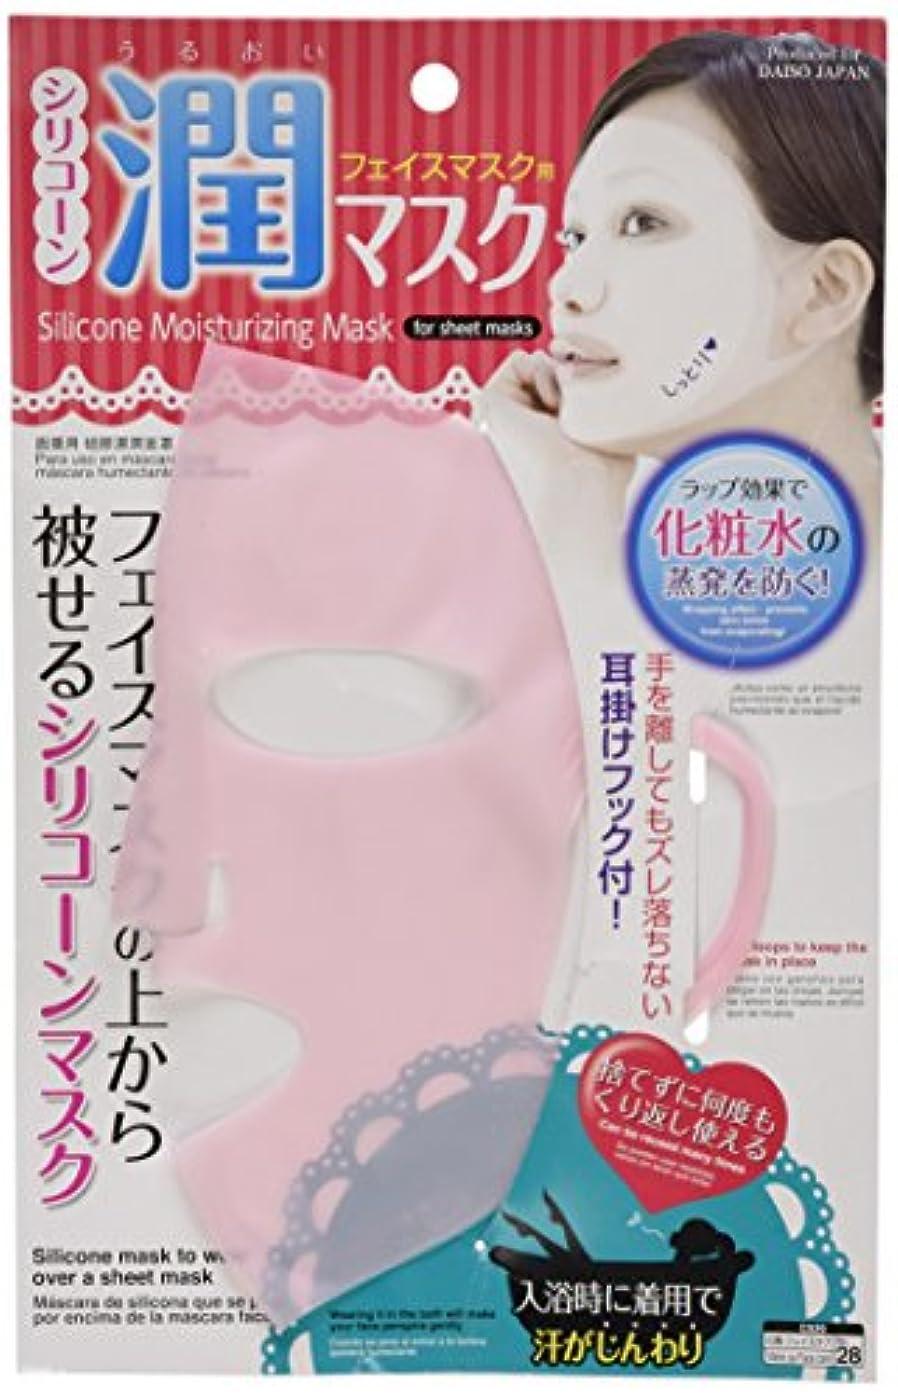 タクト値する送信するシリコン潤マスク フェイスマスク ピンク/白 DAISO Silicone Reused Moisturizing Mask Ear Loop Type 1pc Random Color